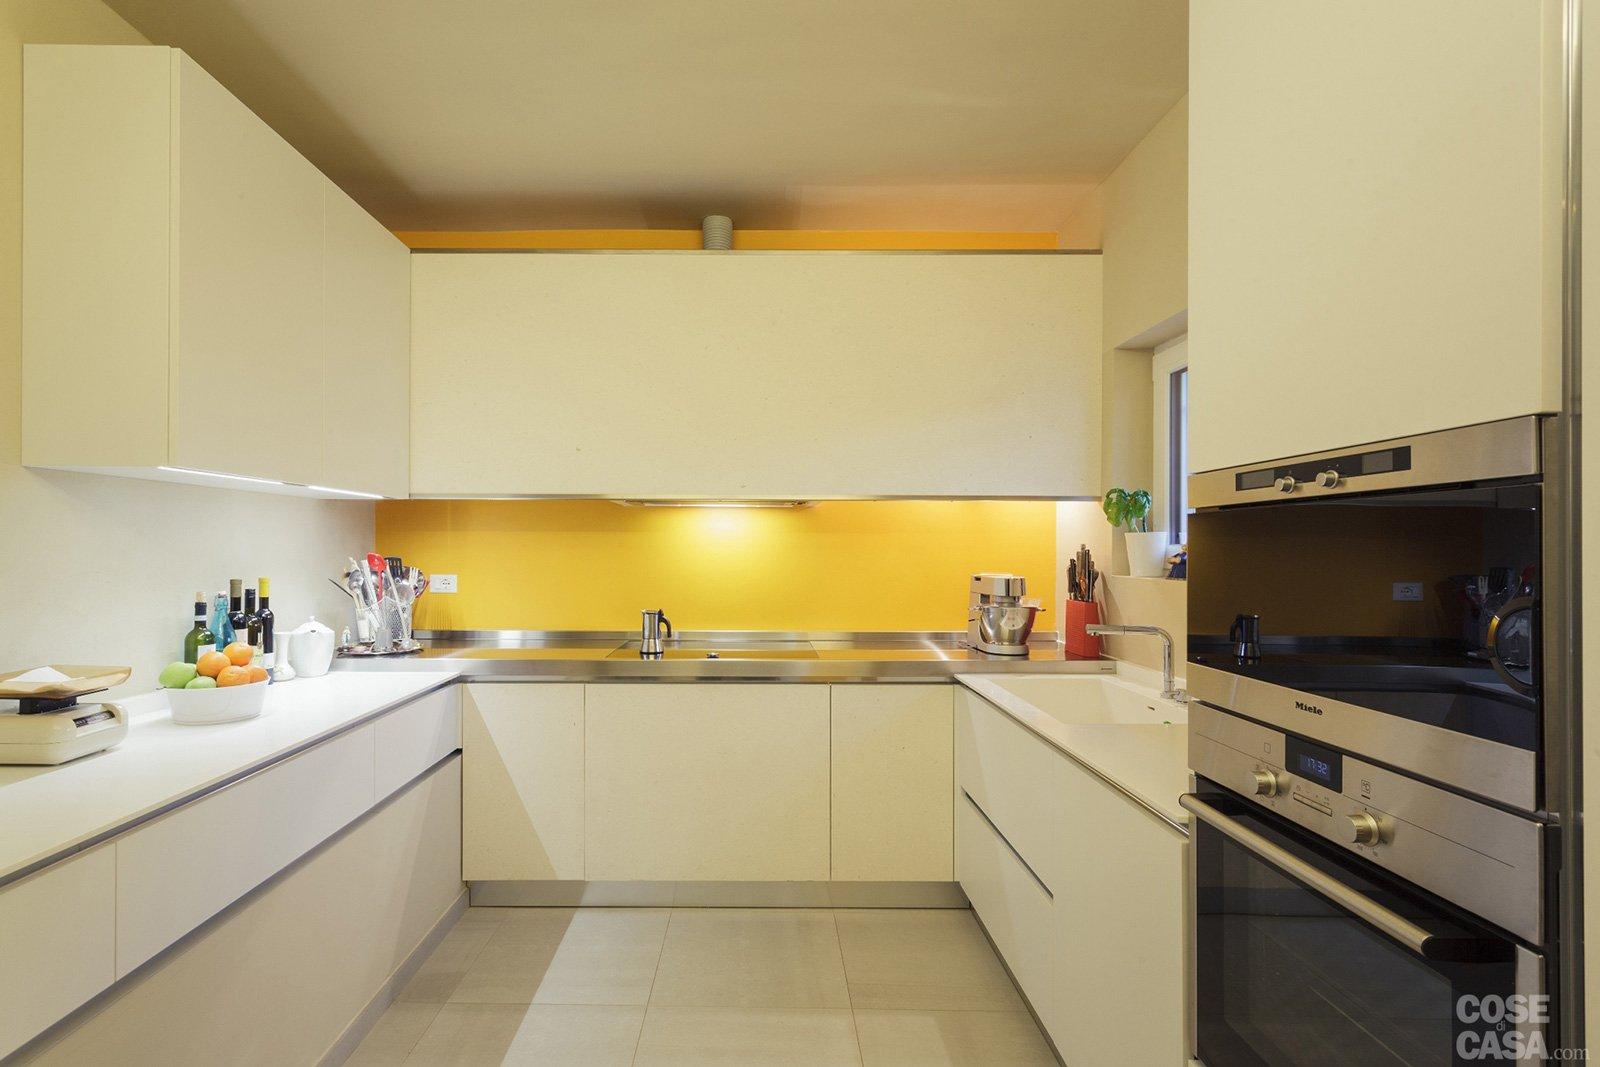 Una casa ristrutturata per il risparmio energetico cose - Resina in cucina al posto delle piastrelle ...